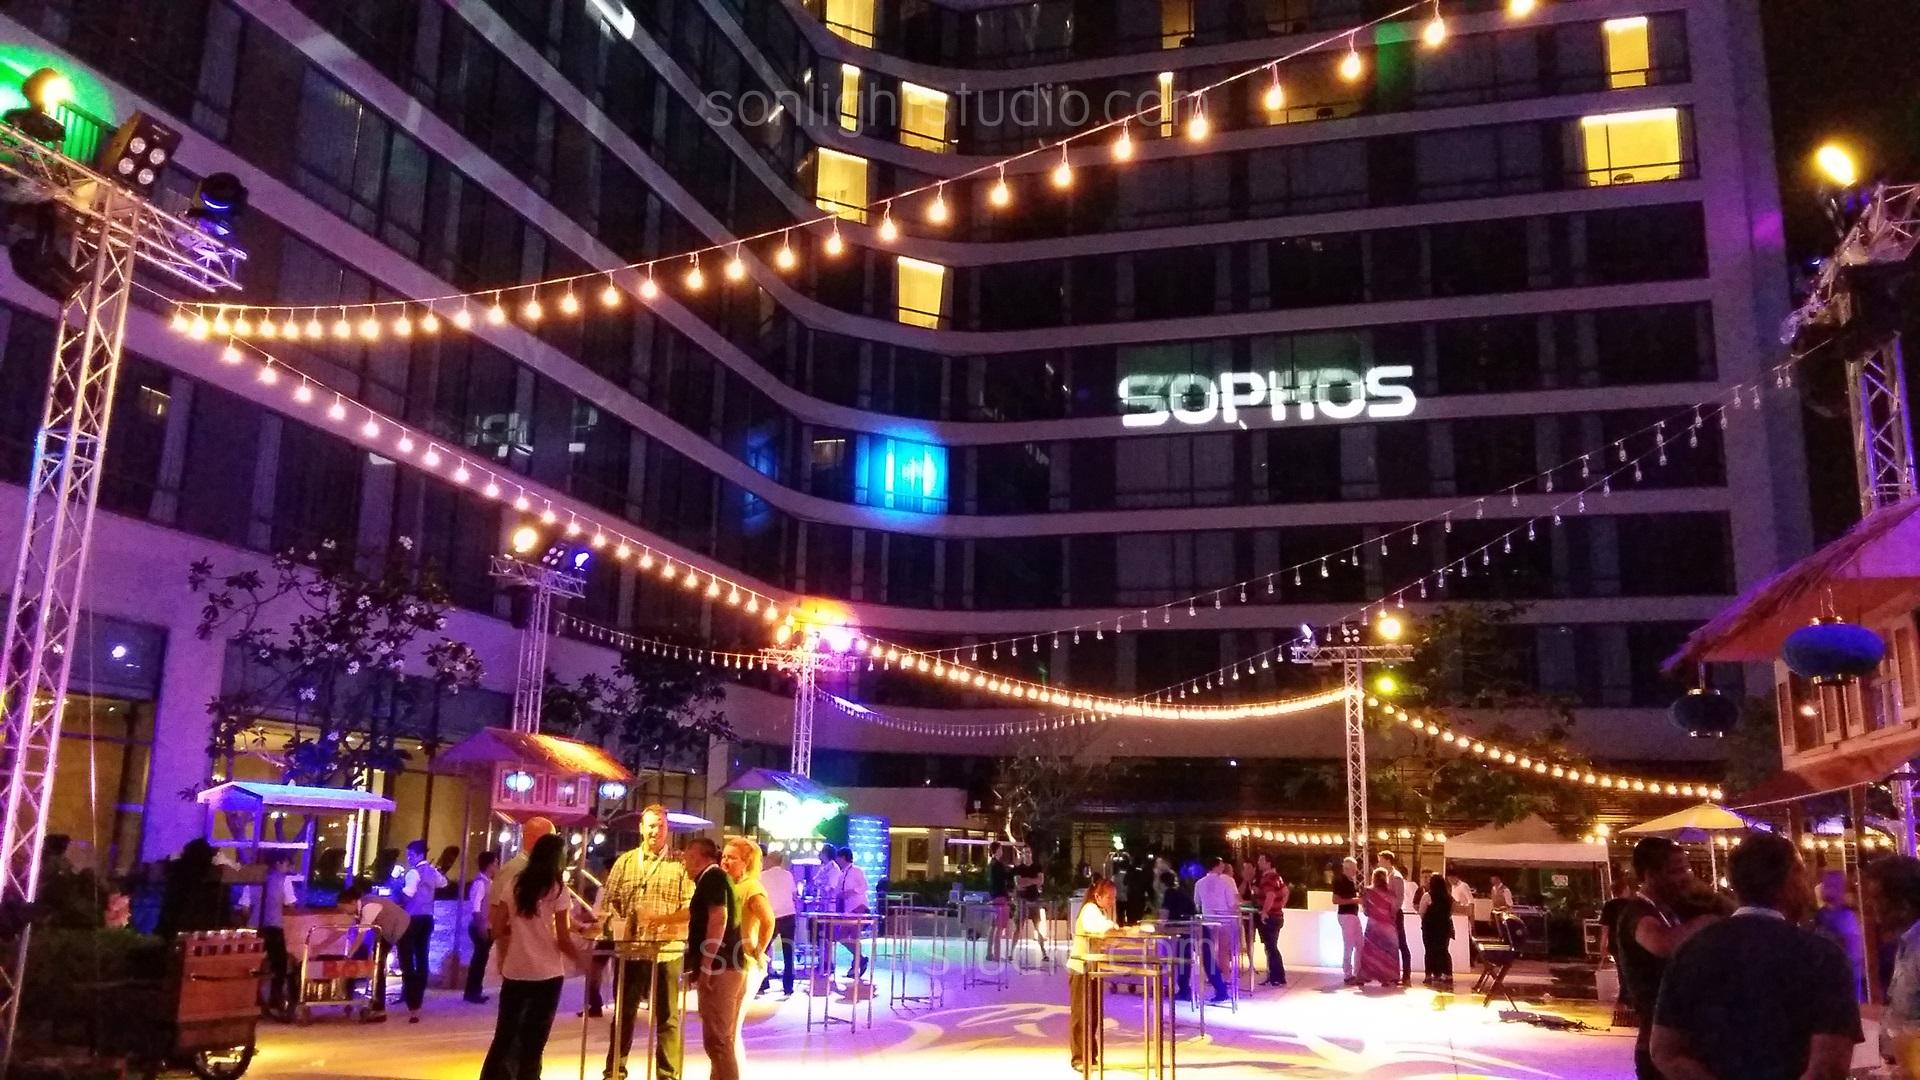 ไฟปิงปอง งานเลี้ยง บนดาดฟ้า โรงแรม Marriott Marquis สุขุมวิท22